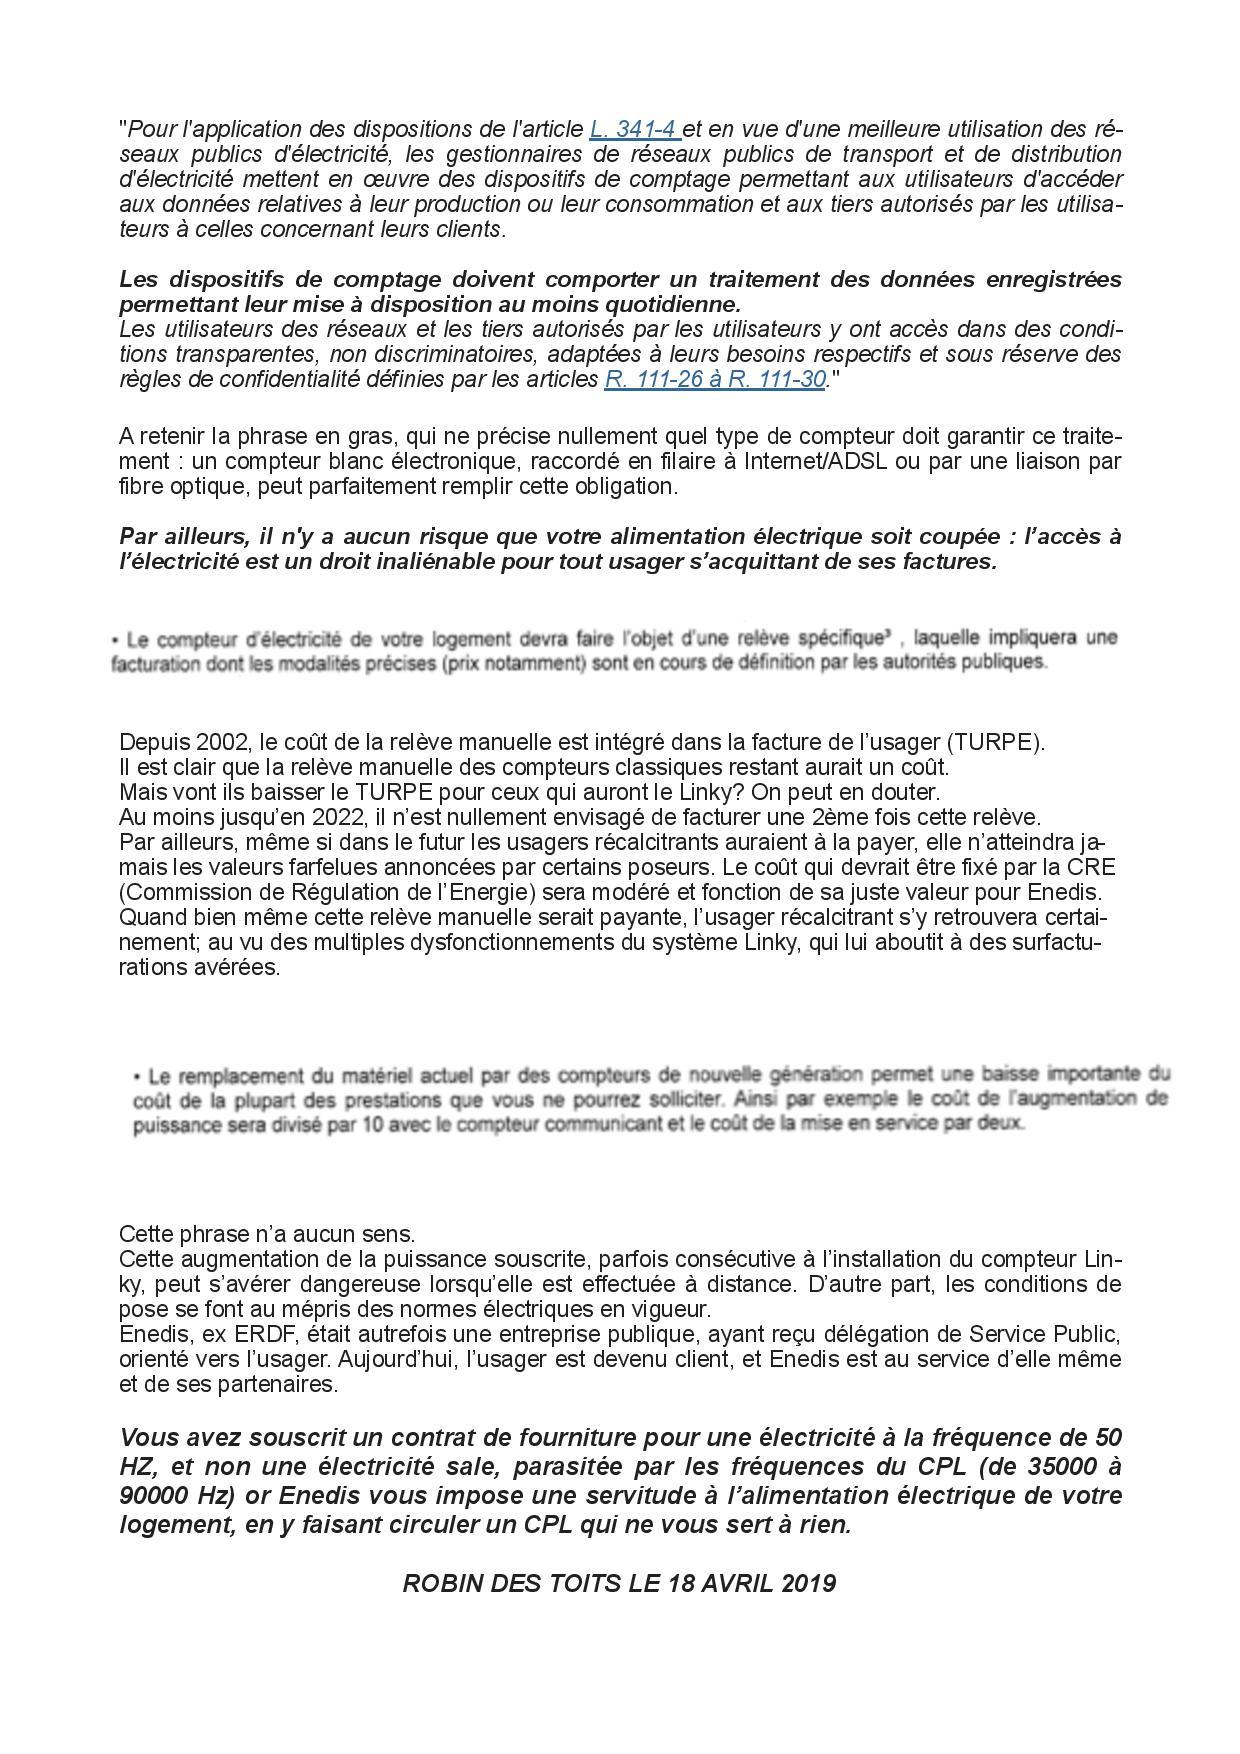 En réponse aux courriers de menace d Enedis version RDT-2 2-page-002.jpg